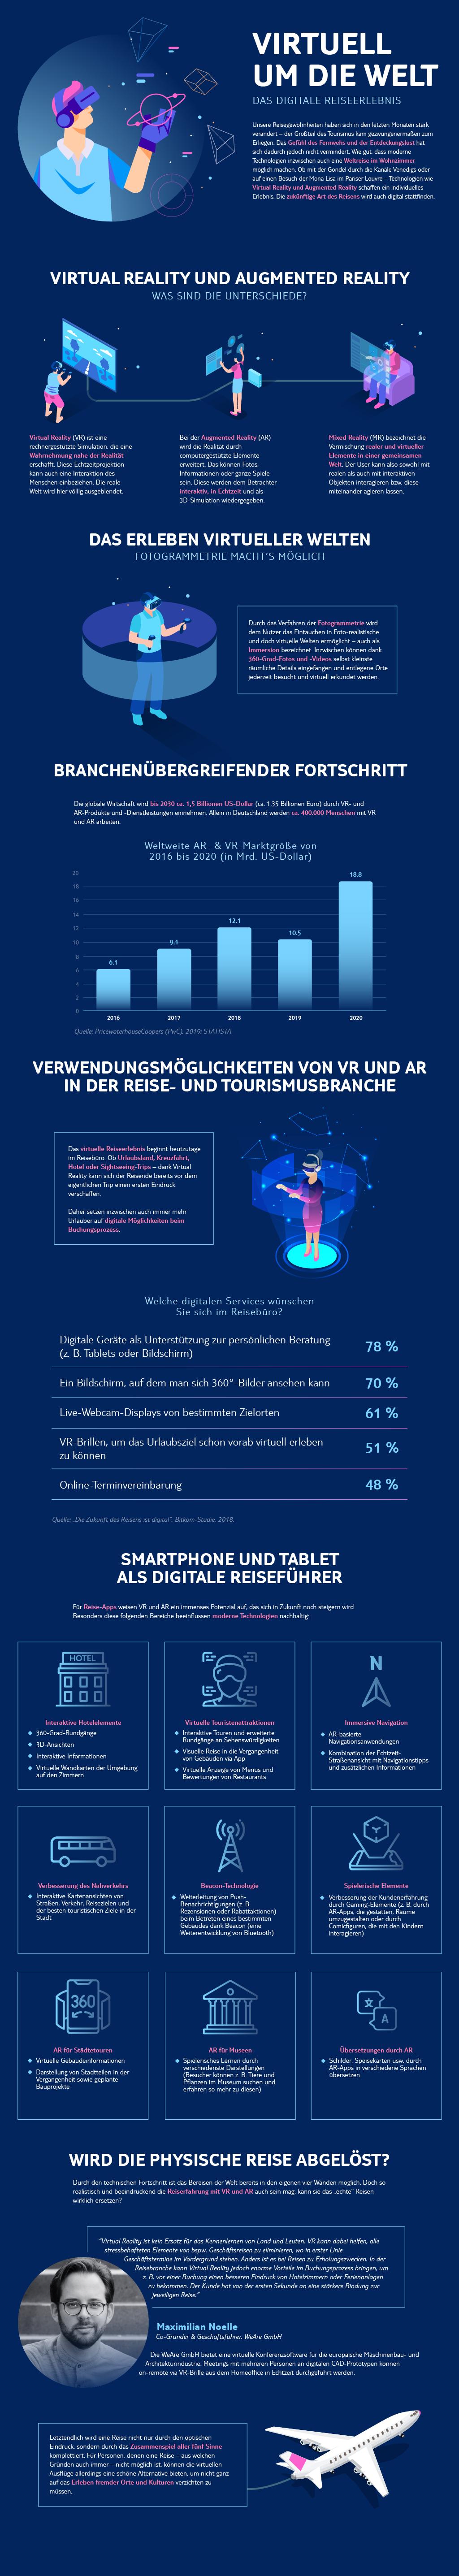 """Infografik """"Virtuell um die Welt"""" - TUI"""